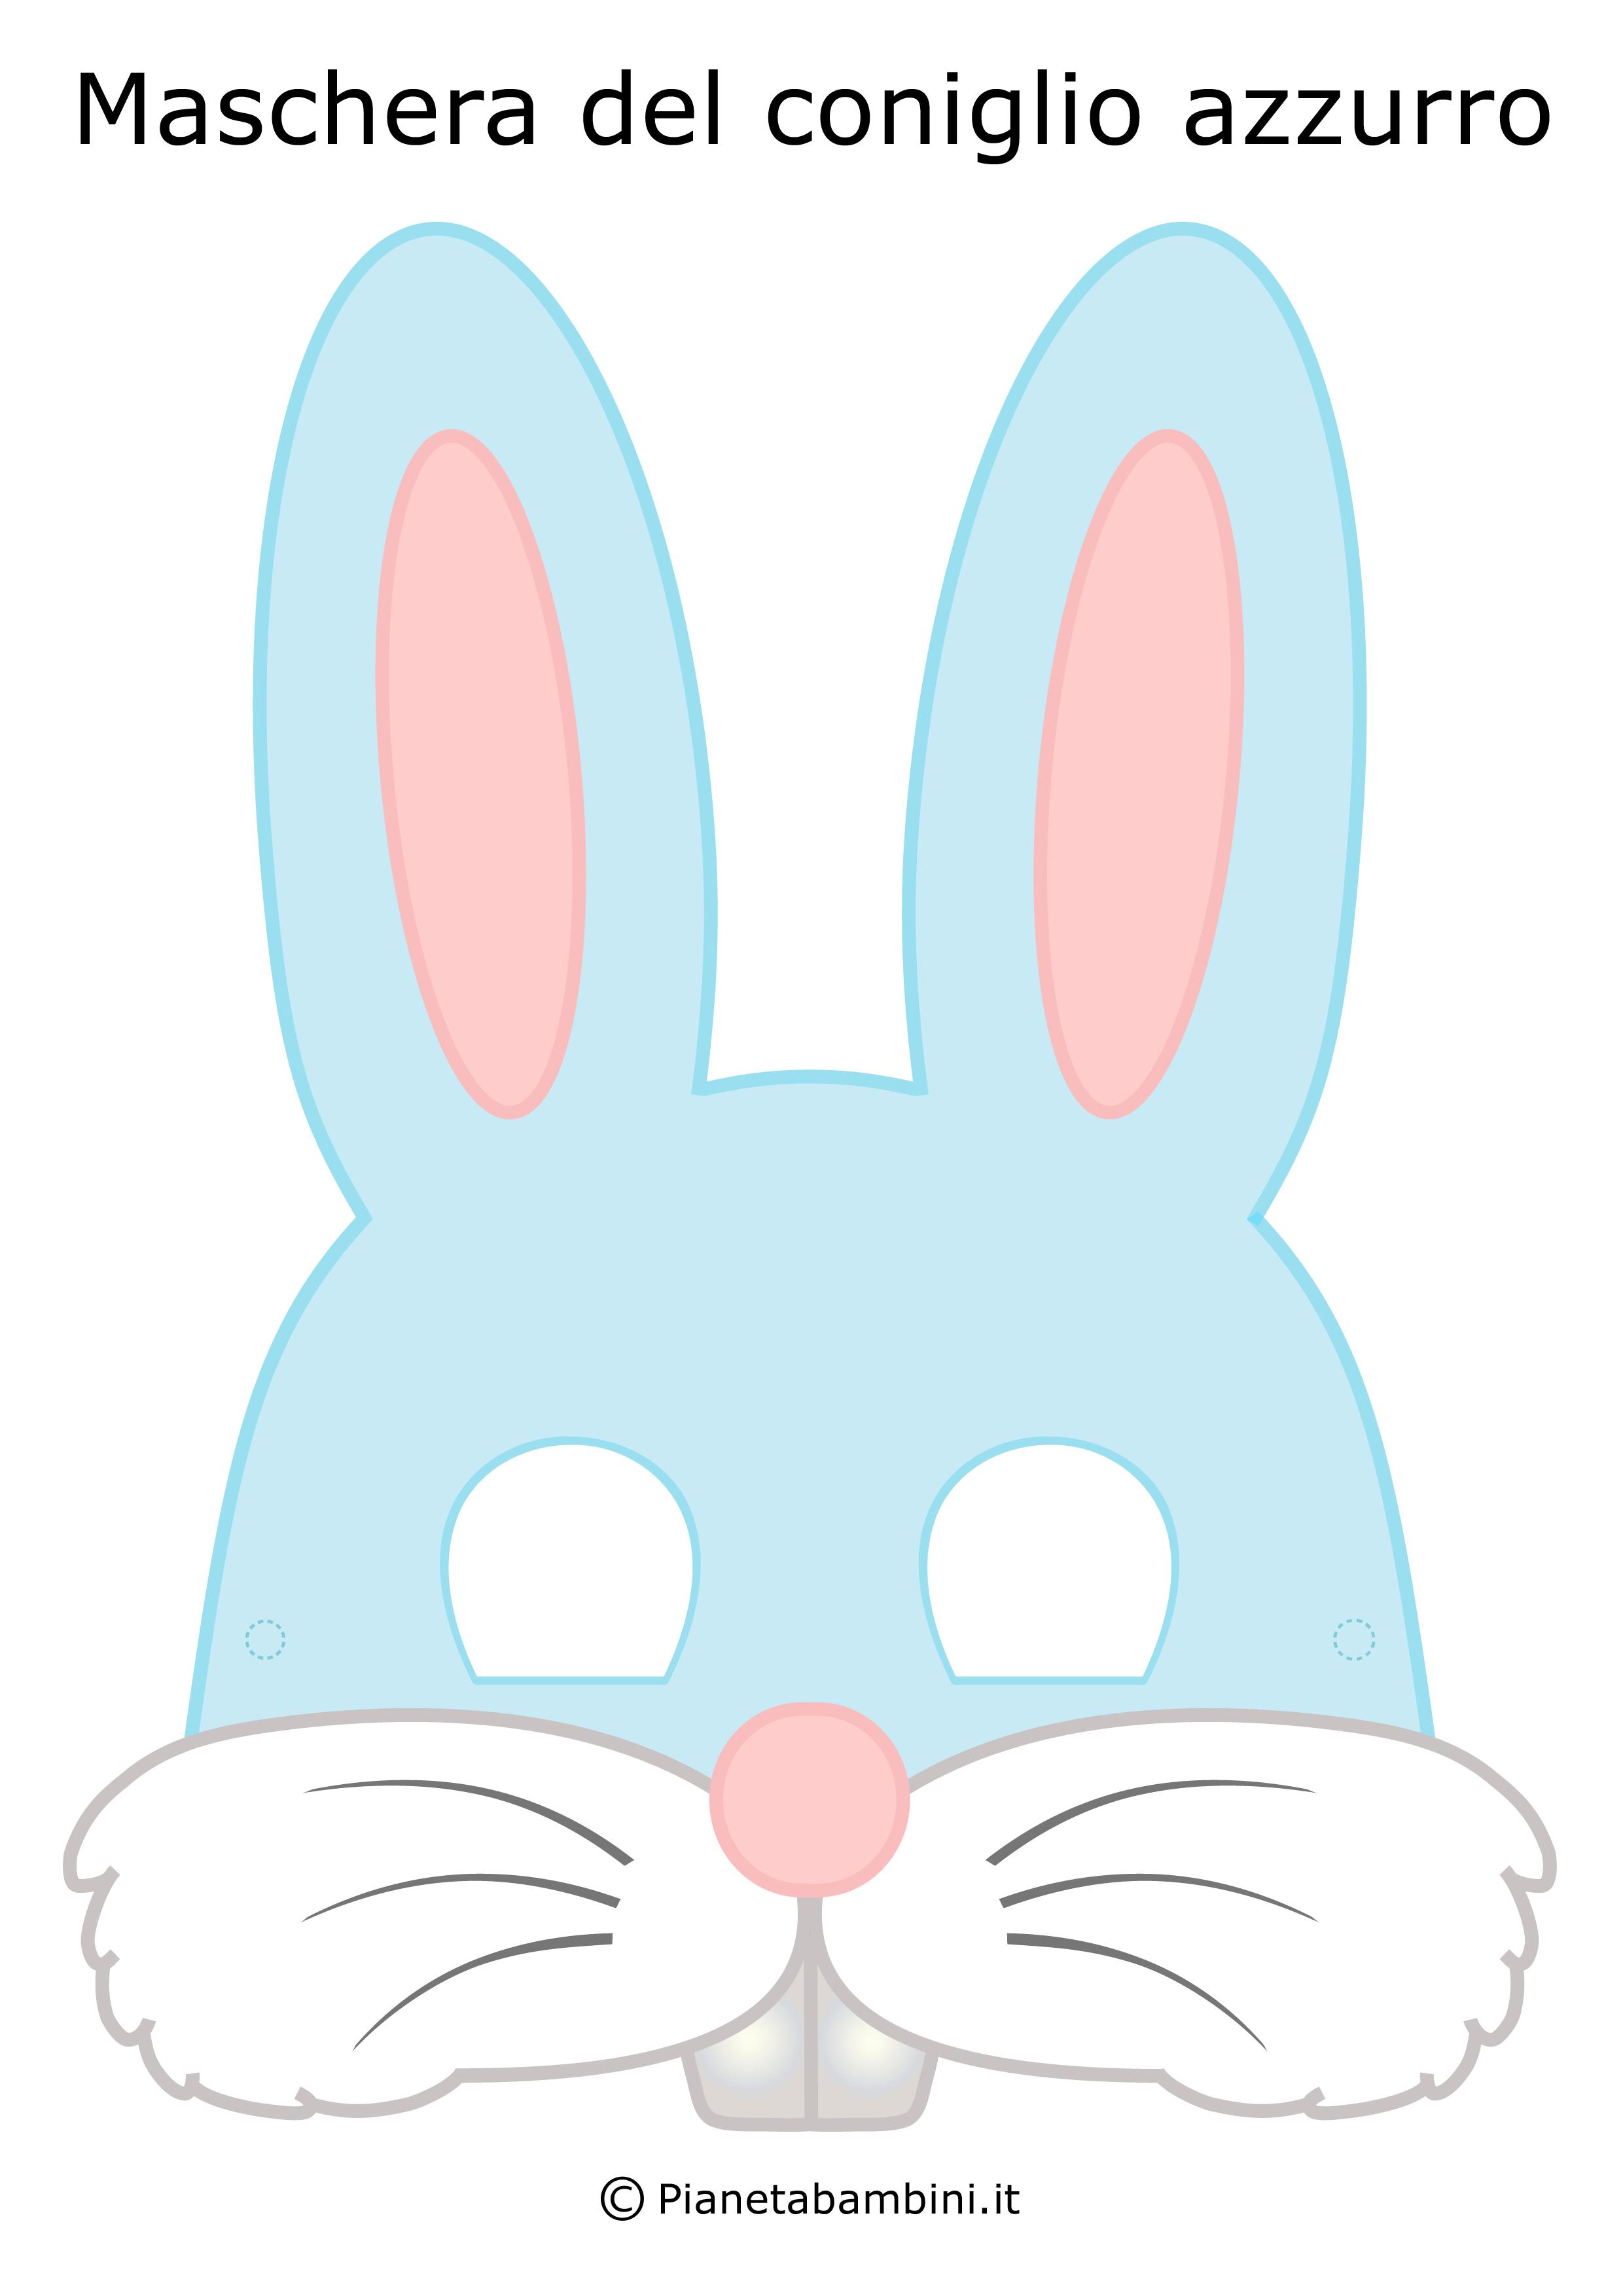 Immagine della maschera da coniglio azzurro